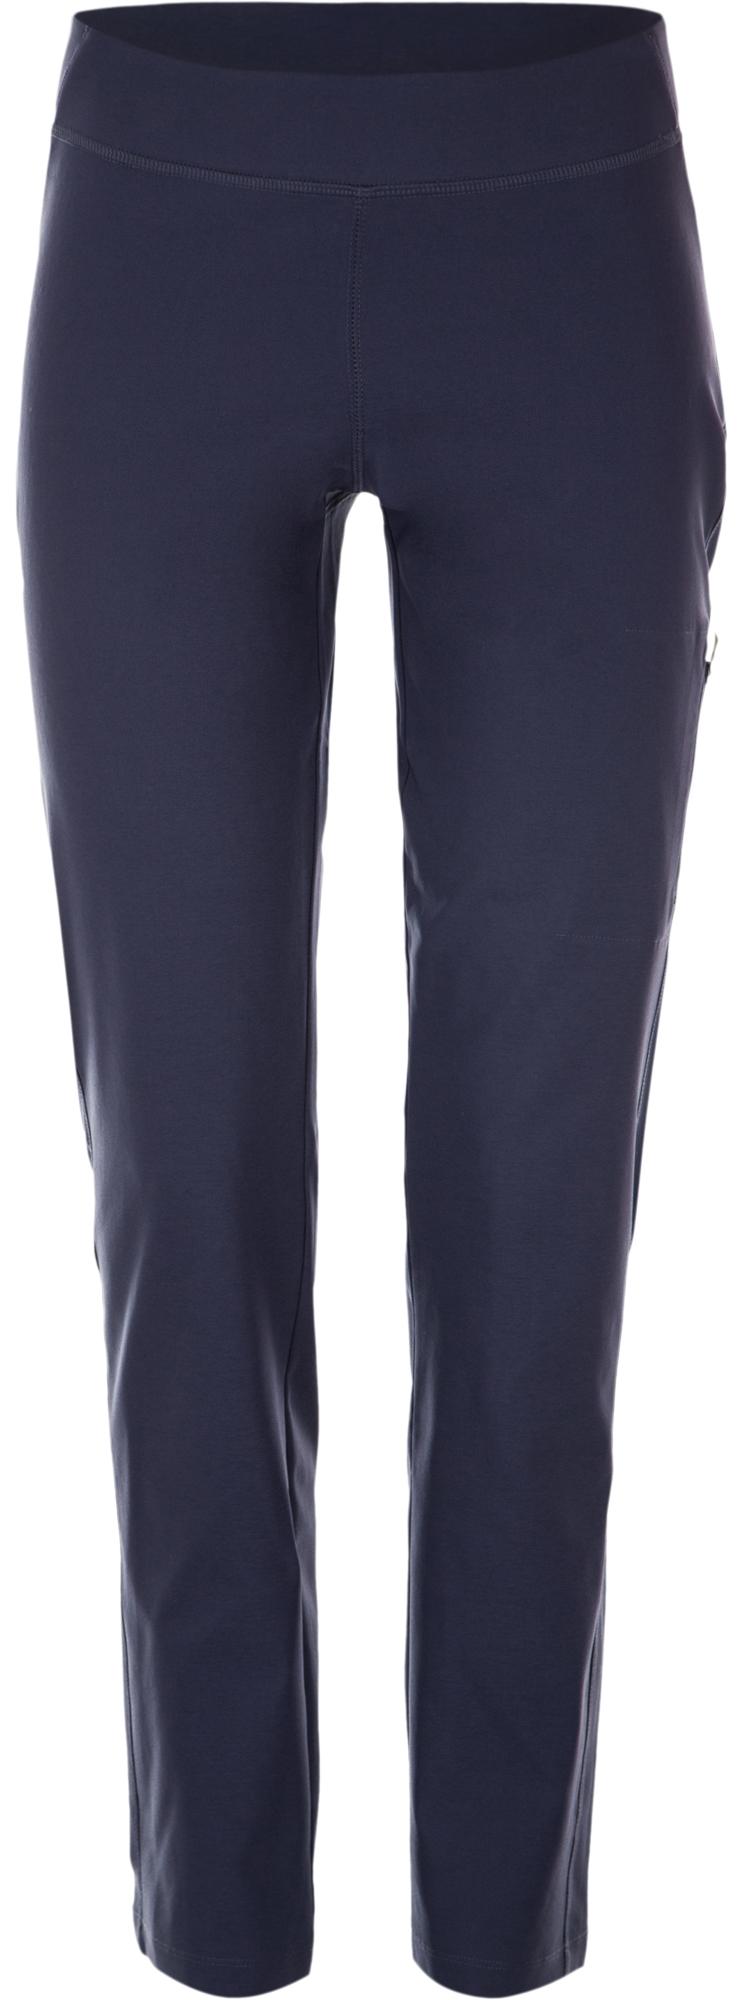 Columbia Брюки женские Columbia Back Beauty Skinny Leg, размер 46 цена 2017